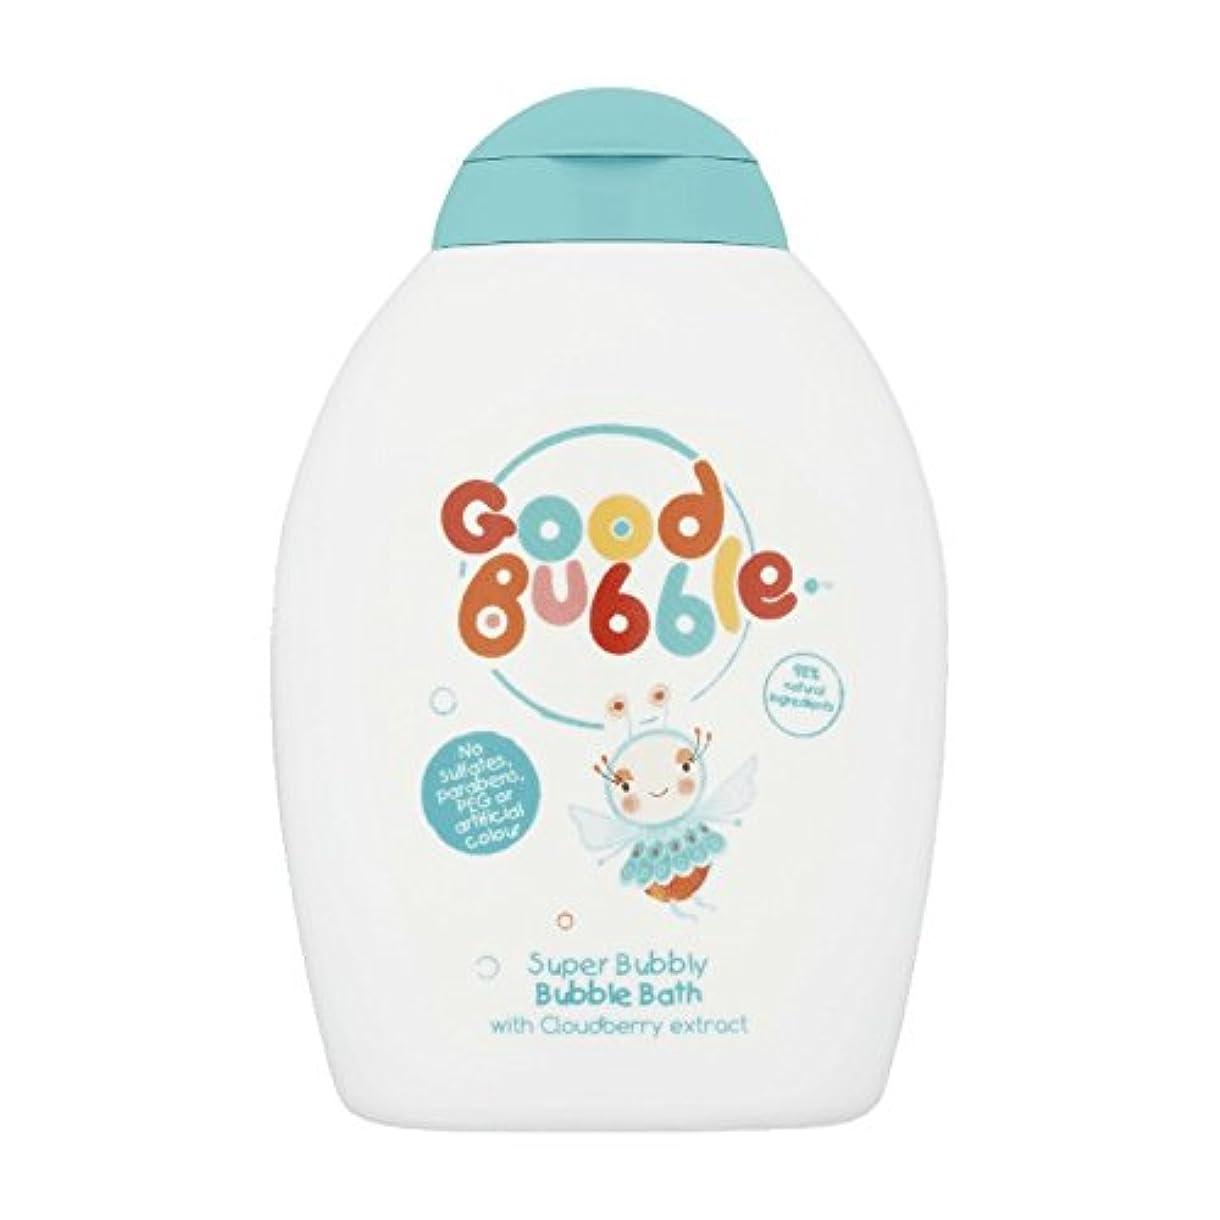 放射能脆い交通Good Bubble Cloudberry Bubble Bath 400ml (Pack of 6) - 良いバブルクラウドベリーバブルバス400ミリリットル (x6) [並行輸入品]